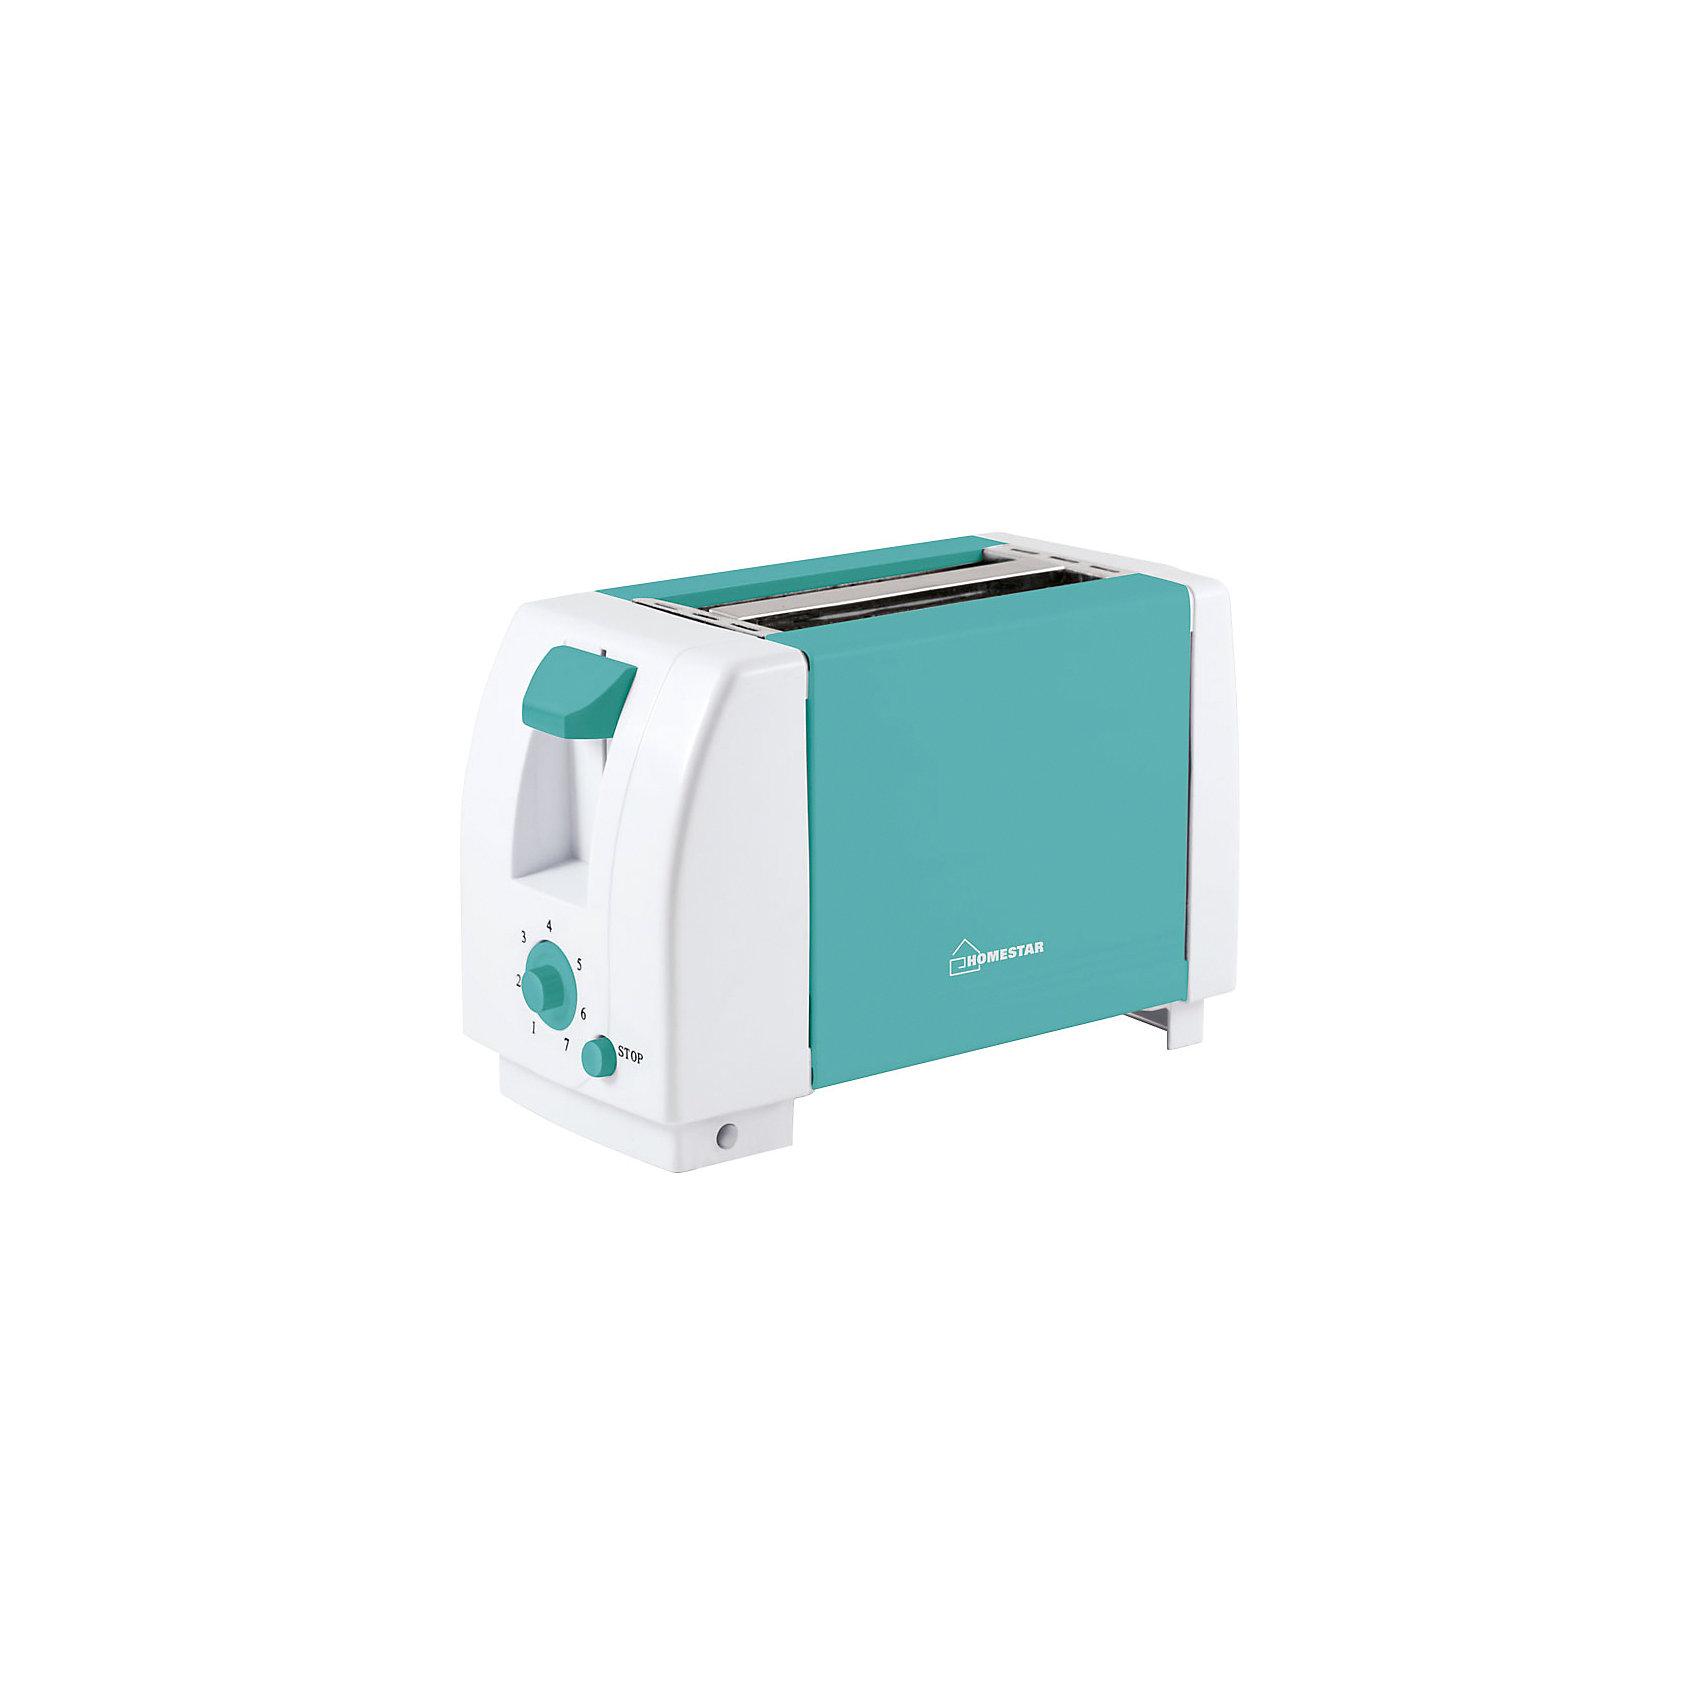 Тостер HS-2002 750Вт, HomeStar, бирюзовыйБытовая техника для кухни<br>Приготовить хрустящие тосты помогает функциональный тостер HomeStar. 7 степеней прожарки хлеба дают возможность выбрать подходящий режим: с более поджаренной корочкой или только слегка подрумяненной. После приготовления тостов, они автоматически поднимутся наверх. На тостере имеется кнопка отмены выбранного режима. Тостер оснащен двумя широкими слотами для хлеба. Имеется специальный поддон для крошек. <br><br>Дополнительная информация:<br><br>Размеры тостера: 27,5х12,3х17,3 см<br><br>Мощность 750 Вт<br>Напряжение: 230В, 50 Гц<br><br>Тостер HS-2002 750Вт, HomeStar, бирюзовый можно купить в нашем интернет-магазине.<br><br>Ширина мм: 280<br>Глубина мм: 120<br>Высота мм: 170<br>Вес г: 1003<br>Возраст от месяцев: 216<br>Возраст до месяцев: 1080<br>Пол: Унисекс<br>Возраст: Детский<br>SKU: 4989892